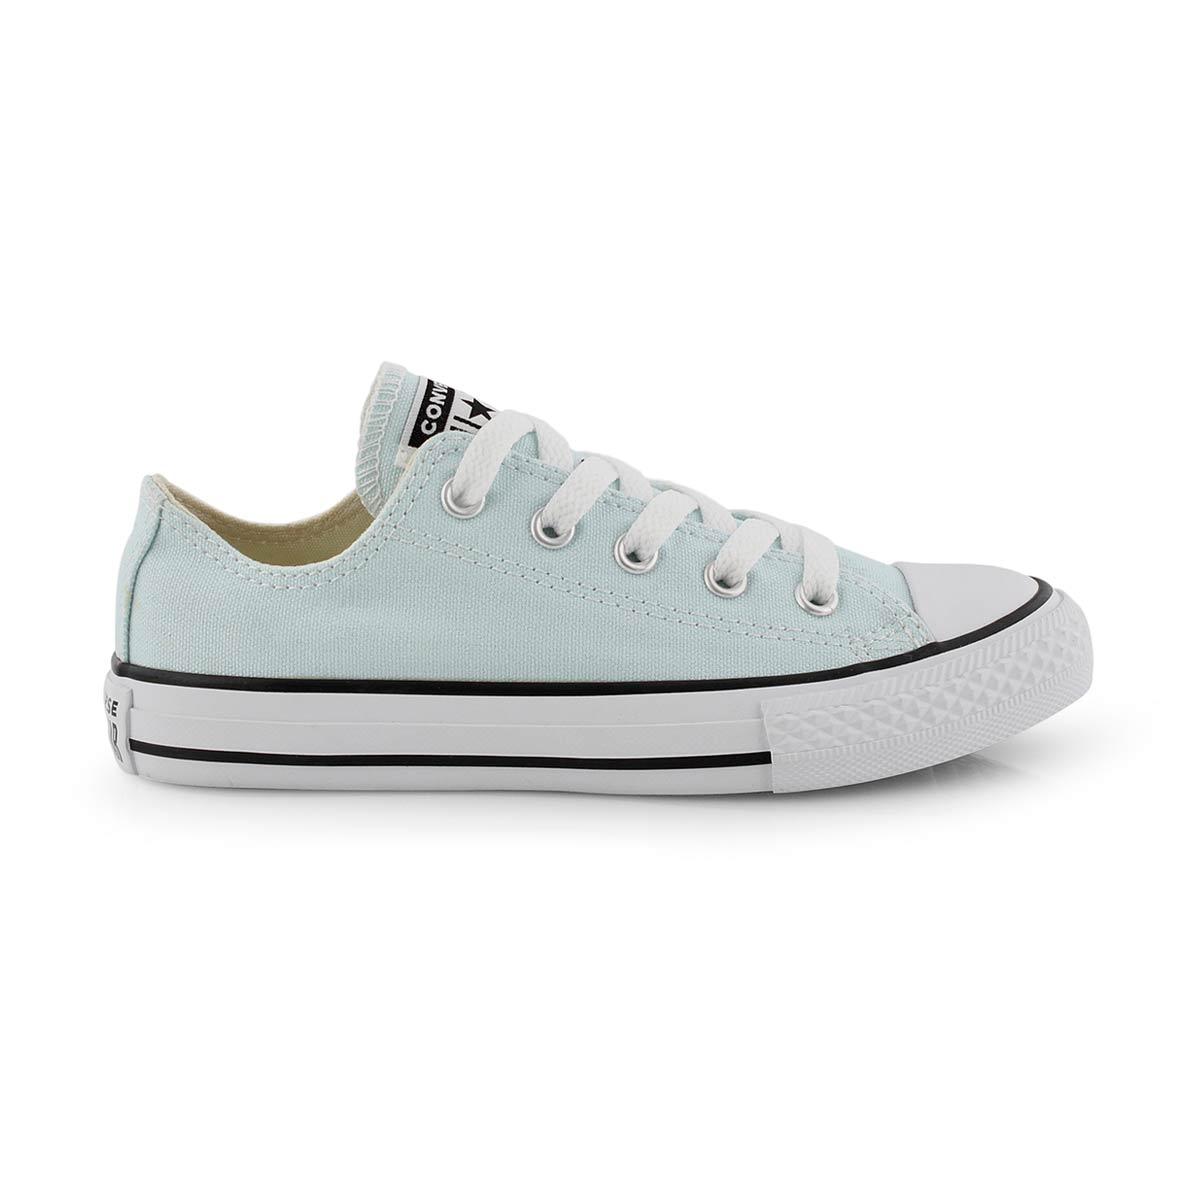 Grls CTAS Seasonal teal/ivory sneaker